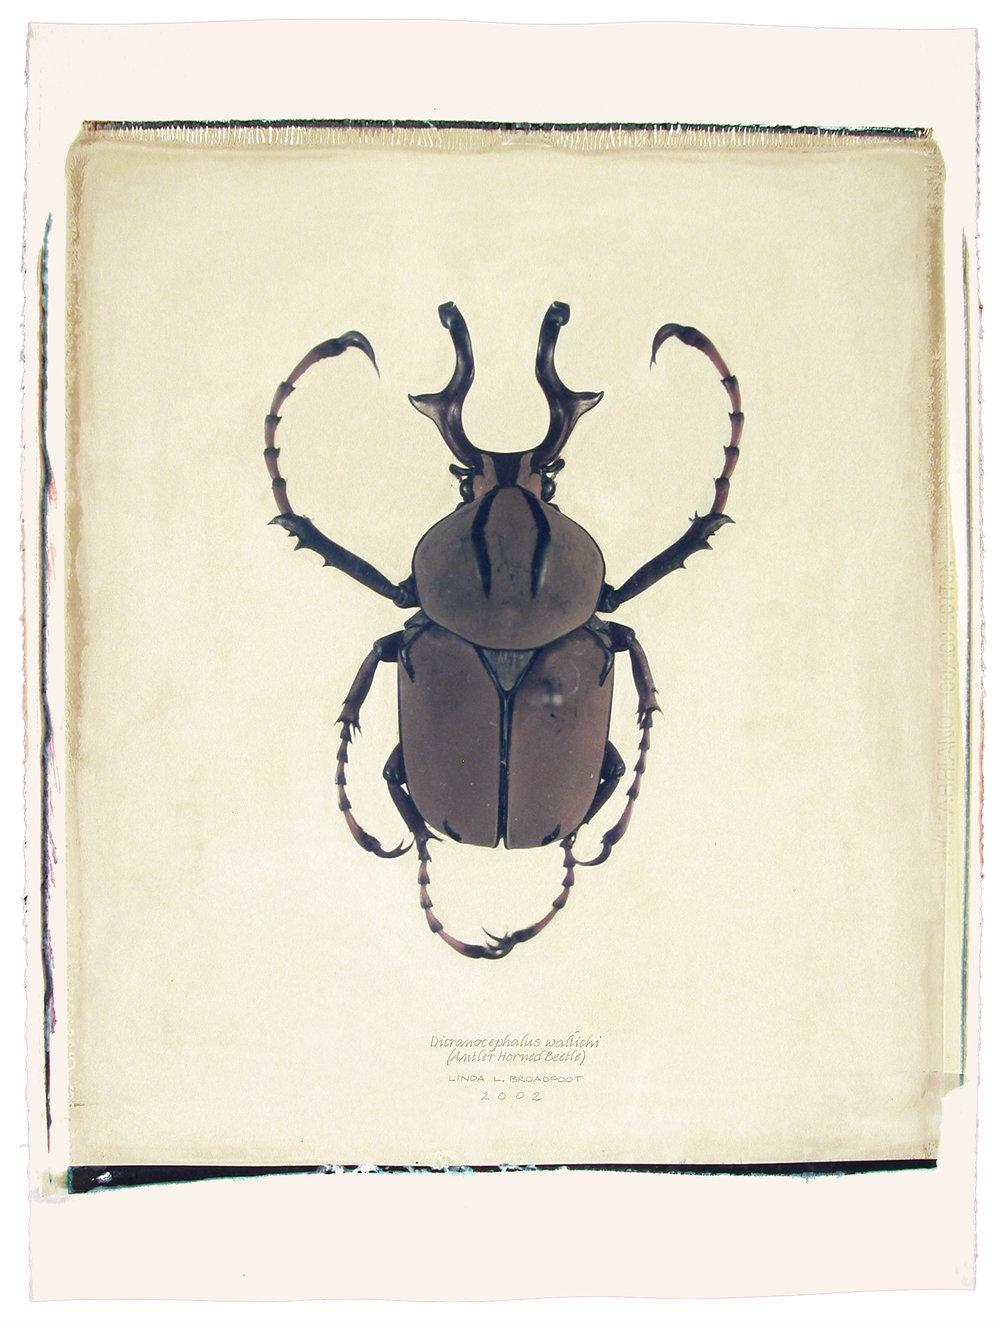 Dicranocephalus wallichi  (Antler Horned Beetle), 2002